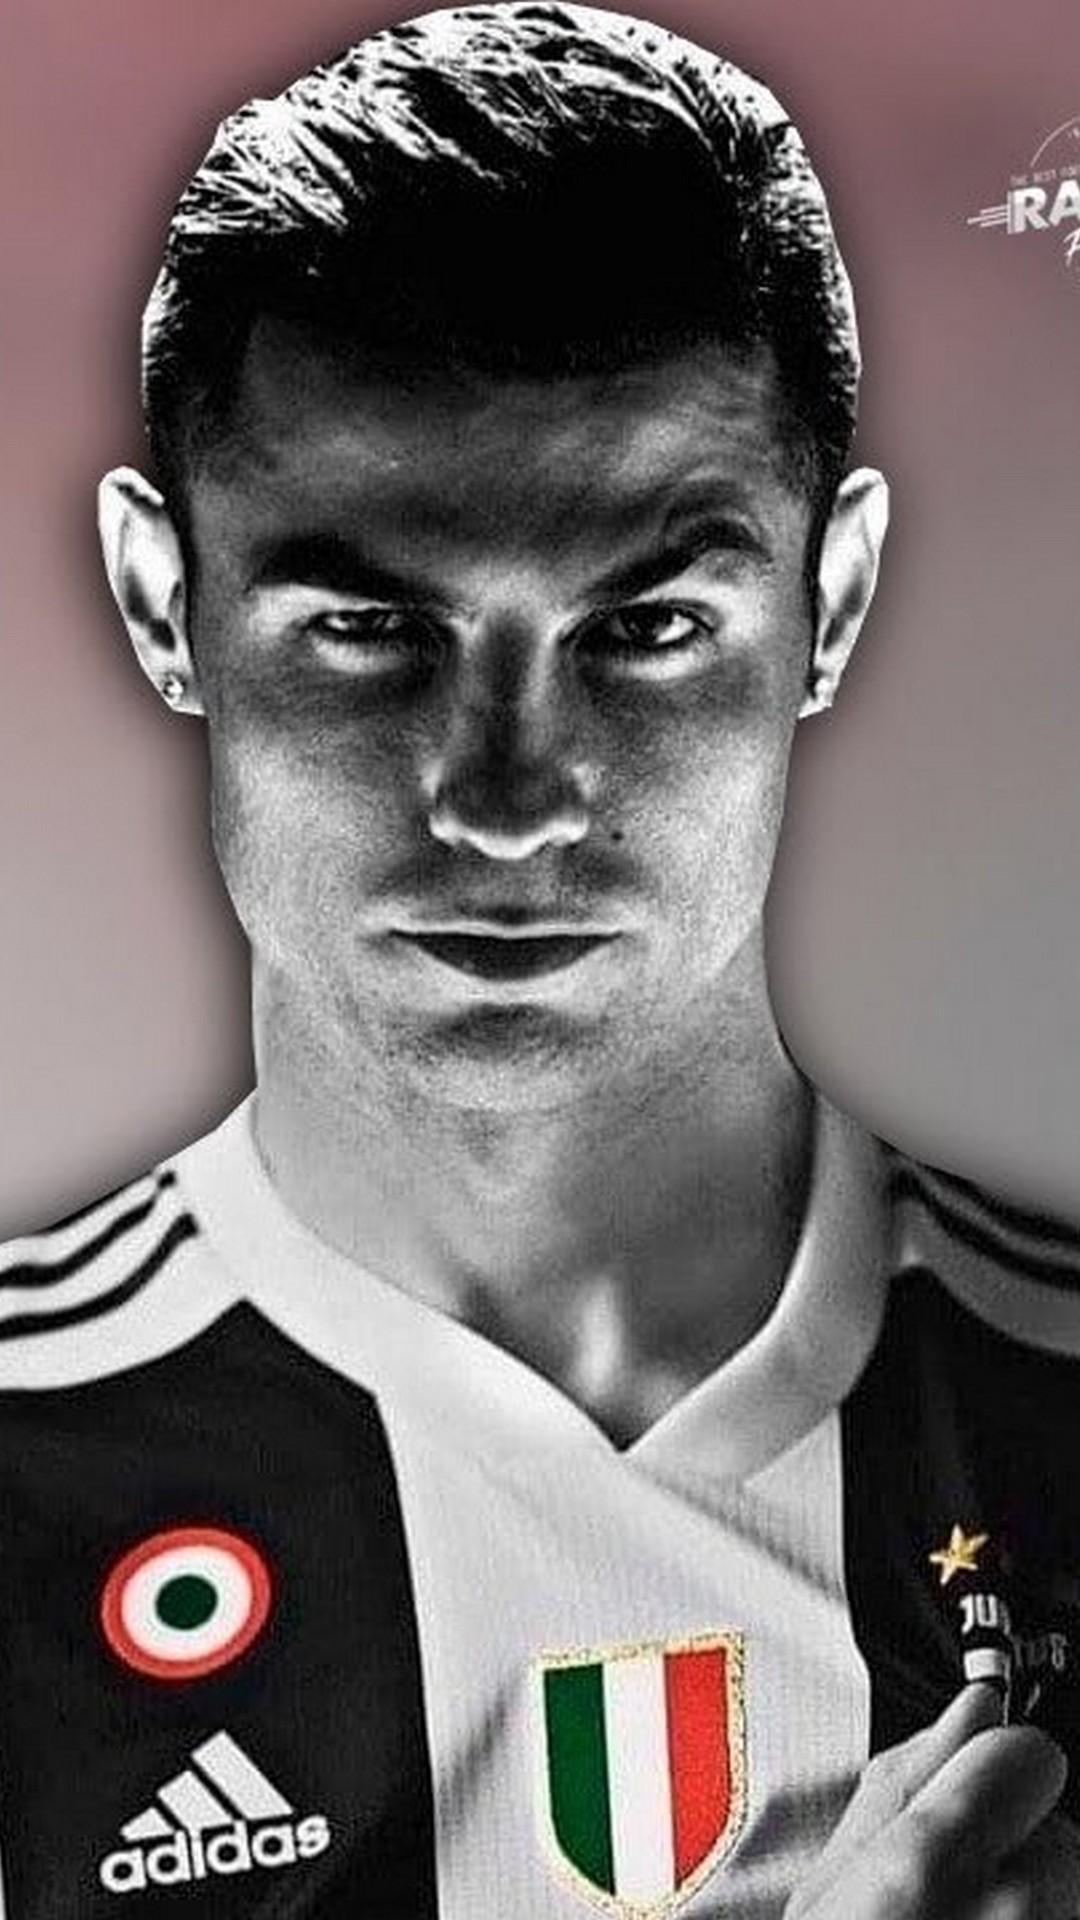 Ronaldo Hd Mobile Juventus 2020 Wallpapers Wallpaper Cave